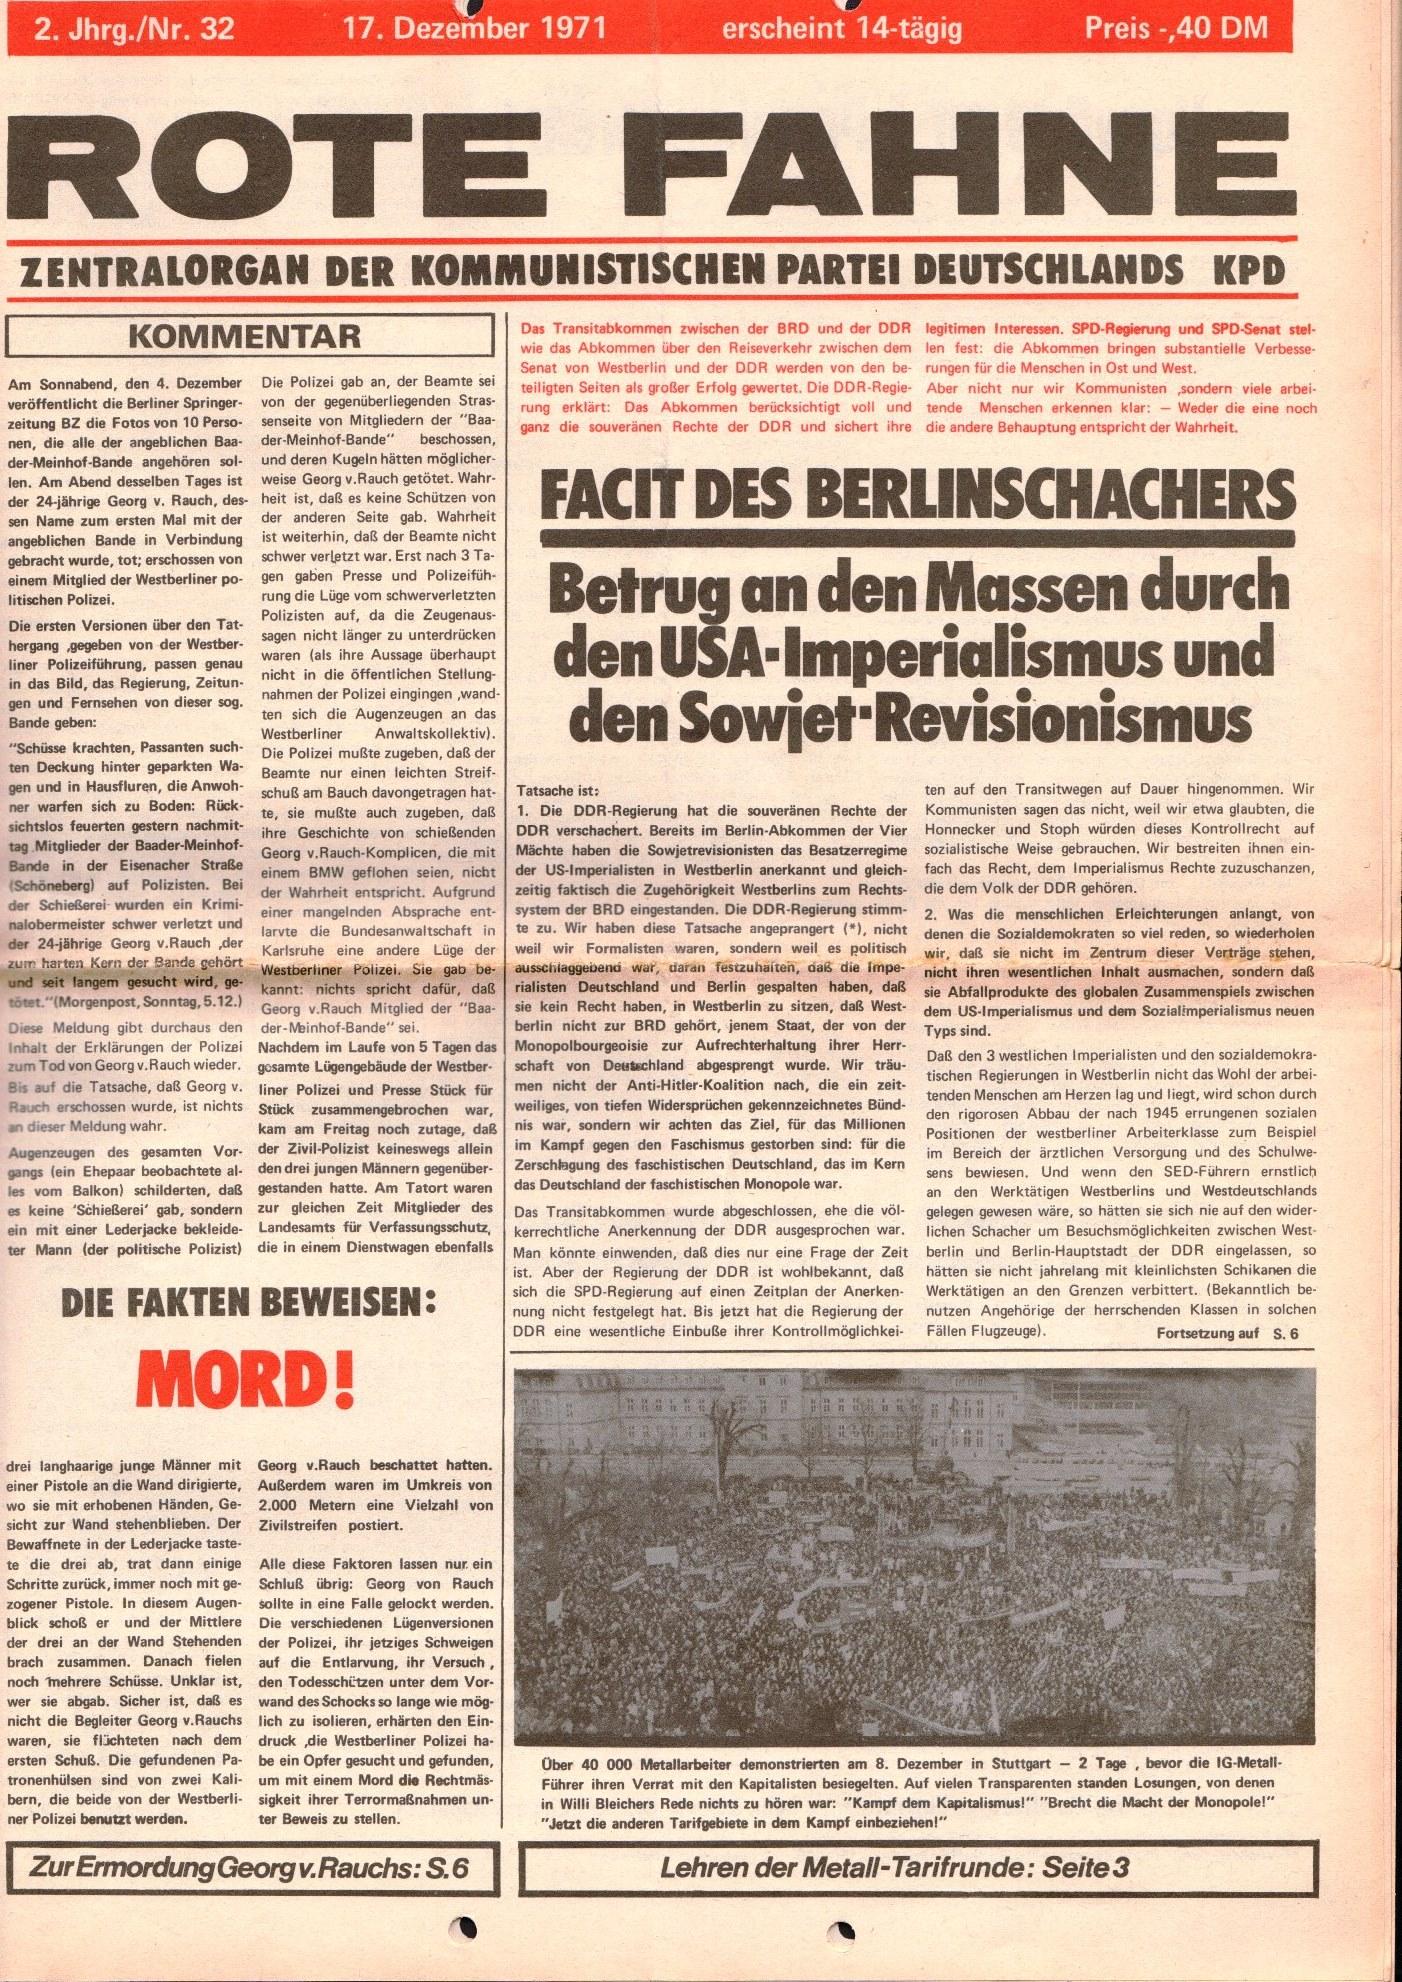 KPD_Rote_Fahne_1971_32_01